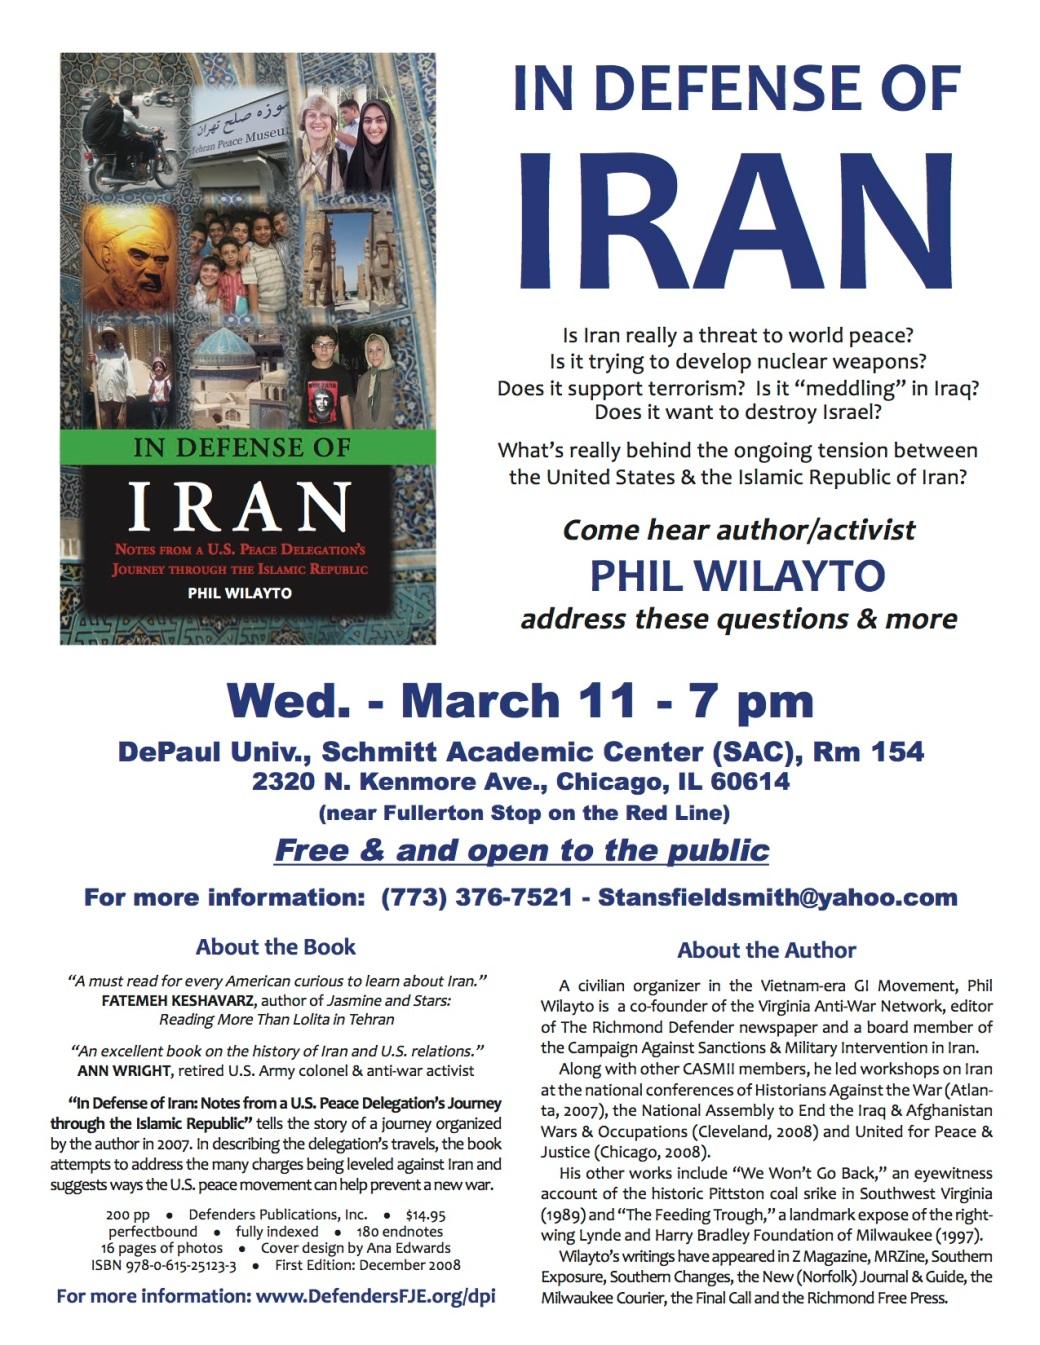 alba-march-11-2009-in-defense-of-iran-book-tour